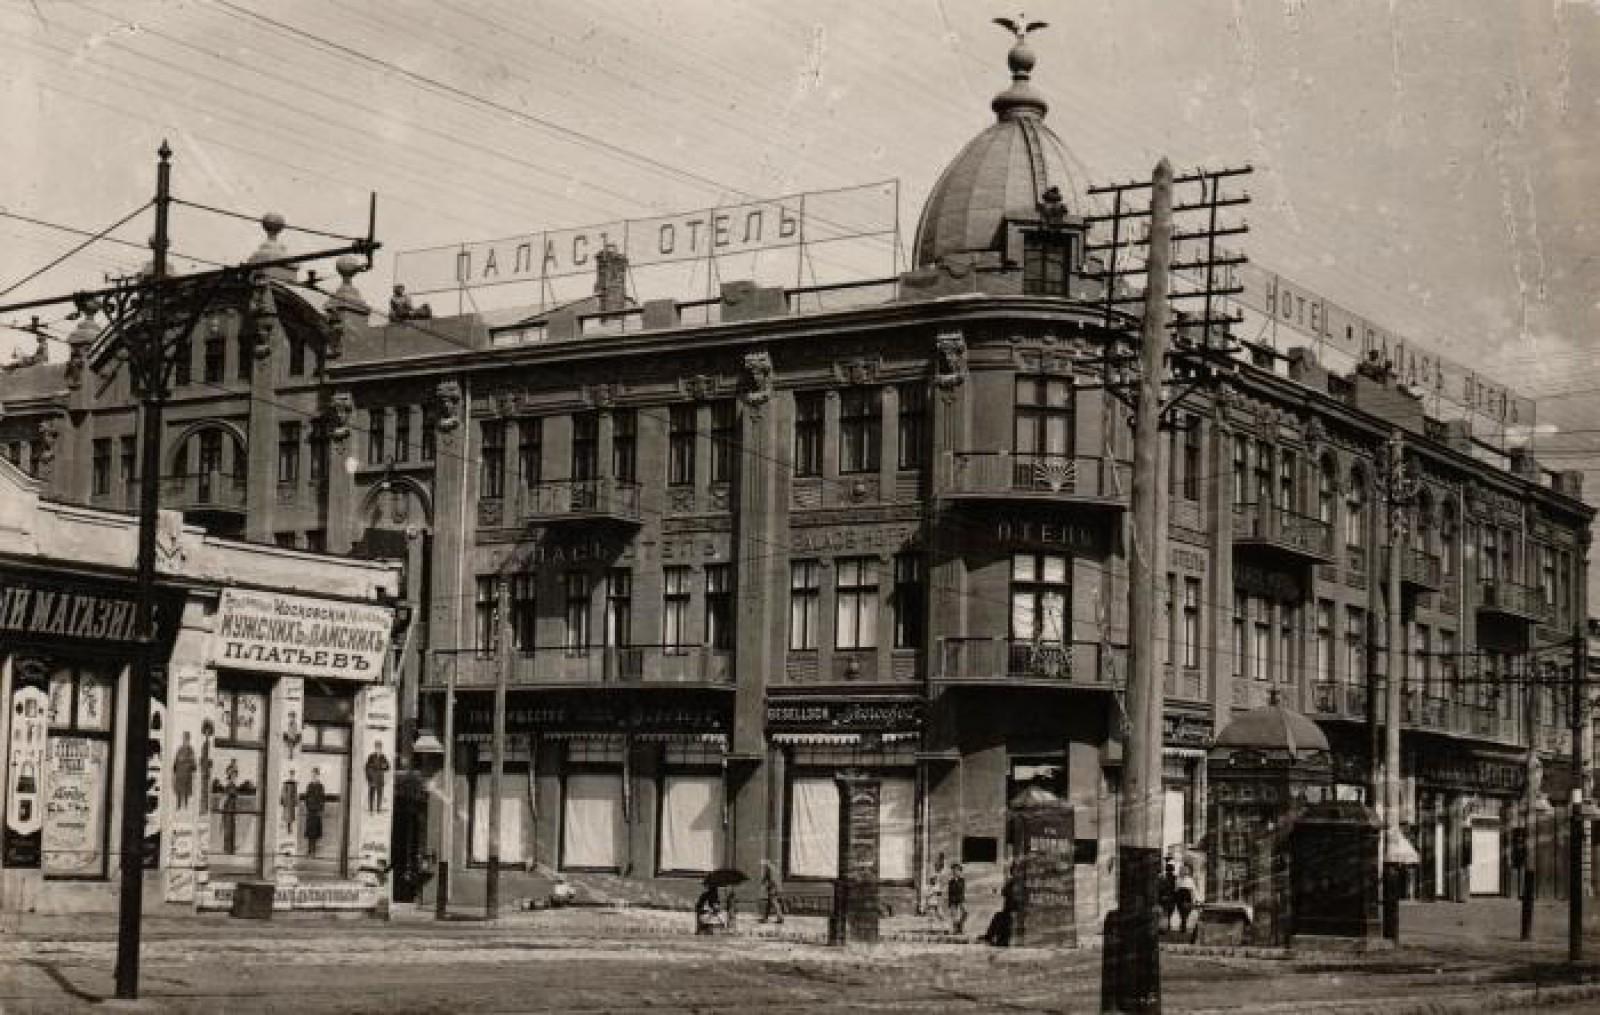 Old Chișinău în imagini: Hotelul Palace